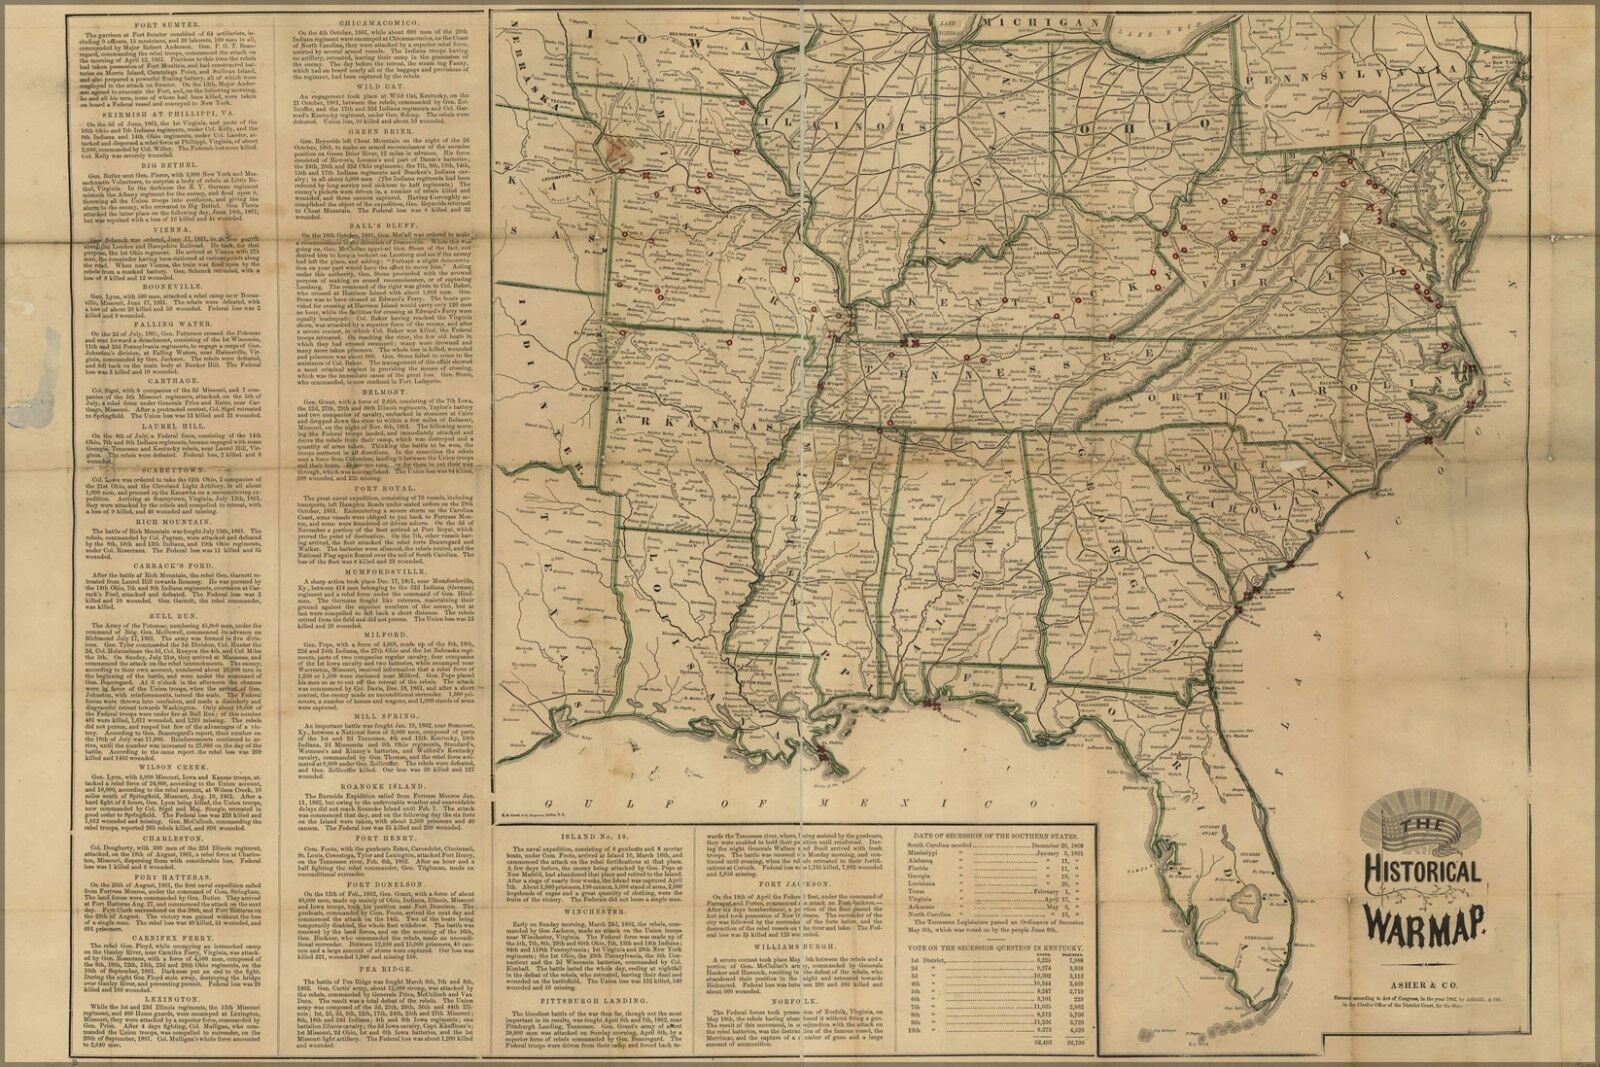 Plakat, Viele Größen; Bürgerkrieg Karte Süd Vereinigte Staaten Of America 1862